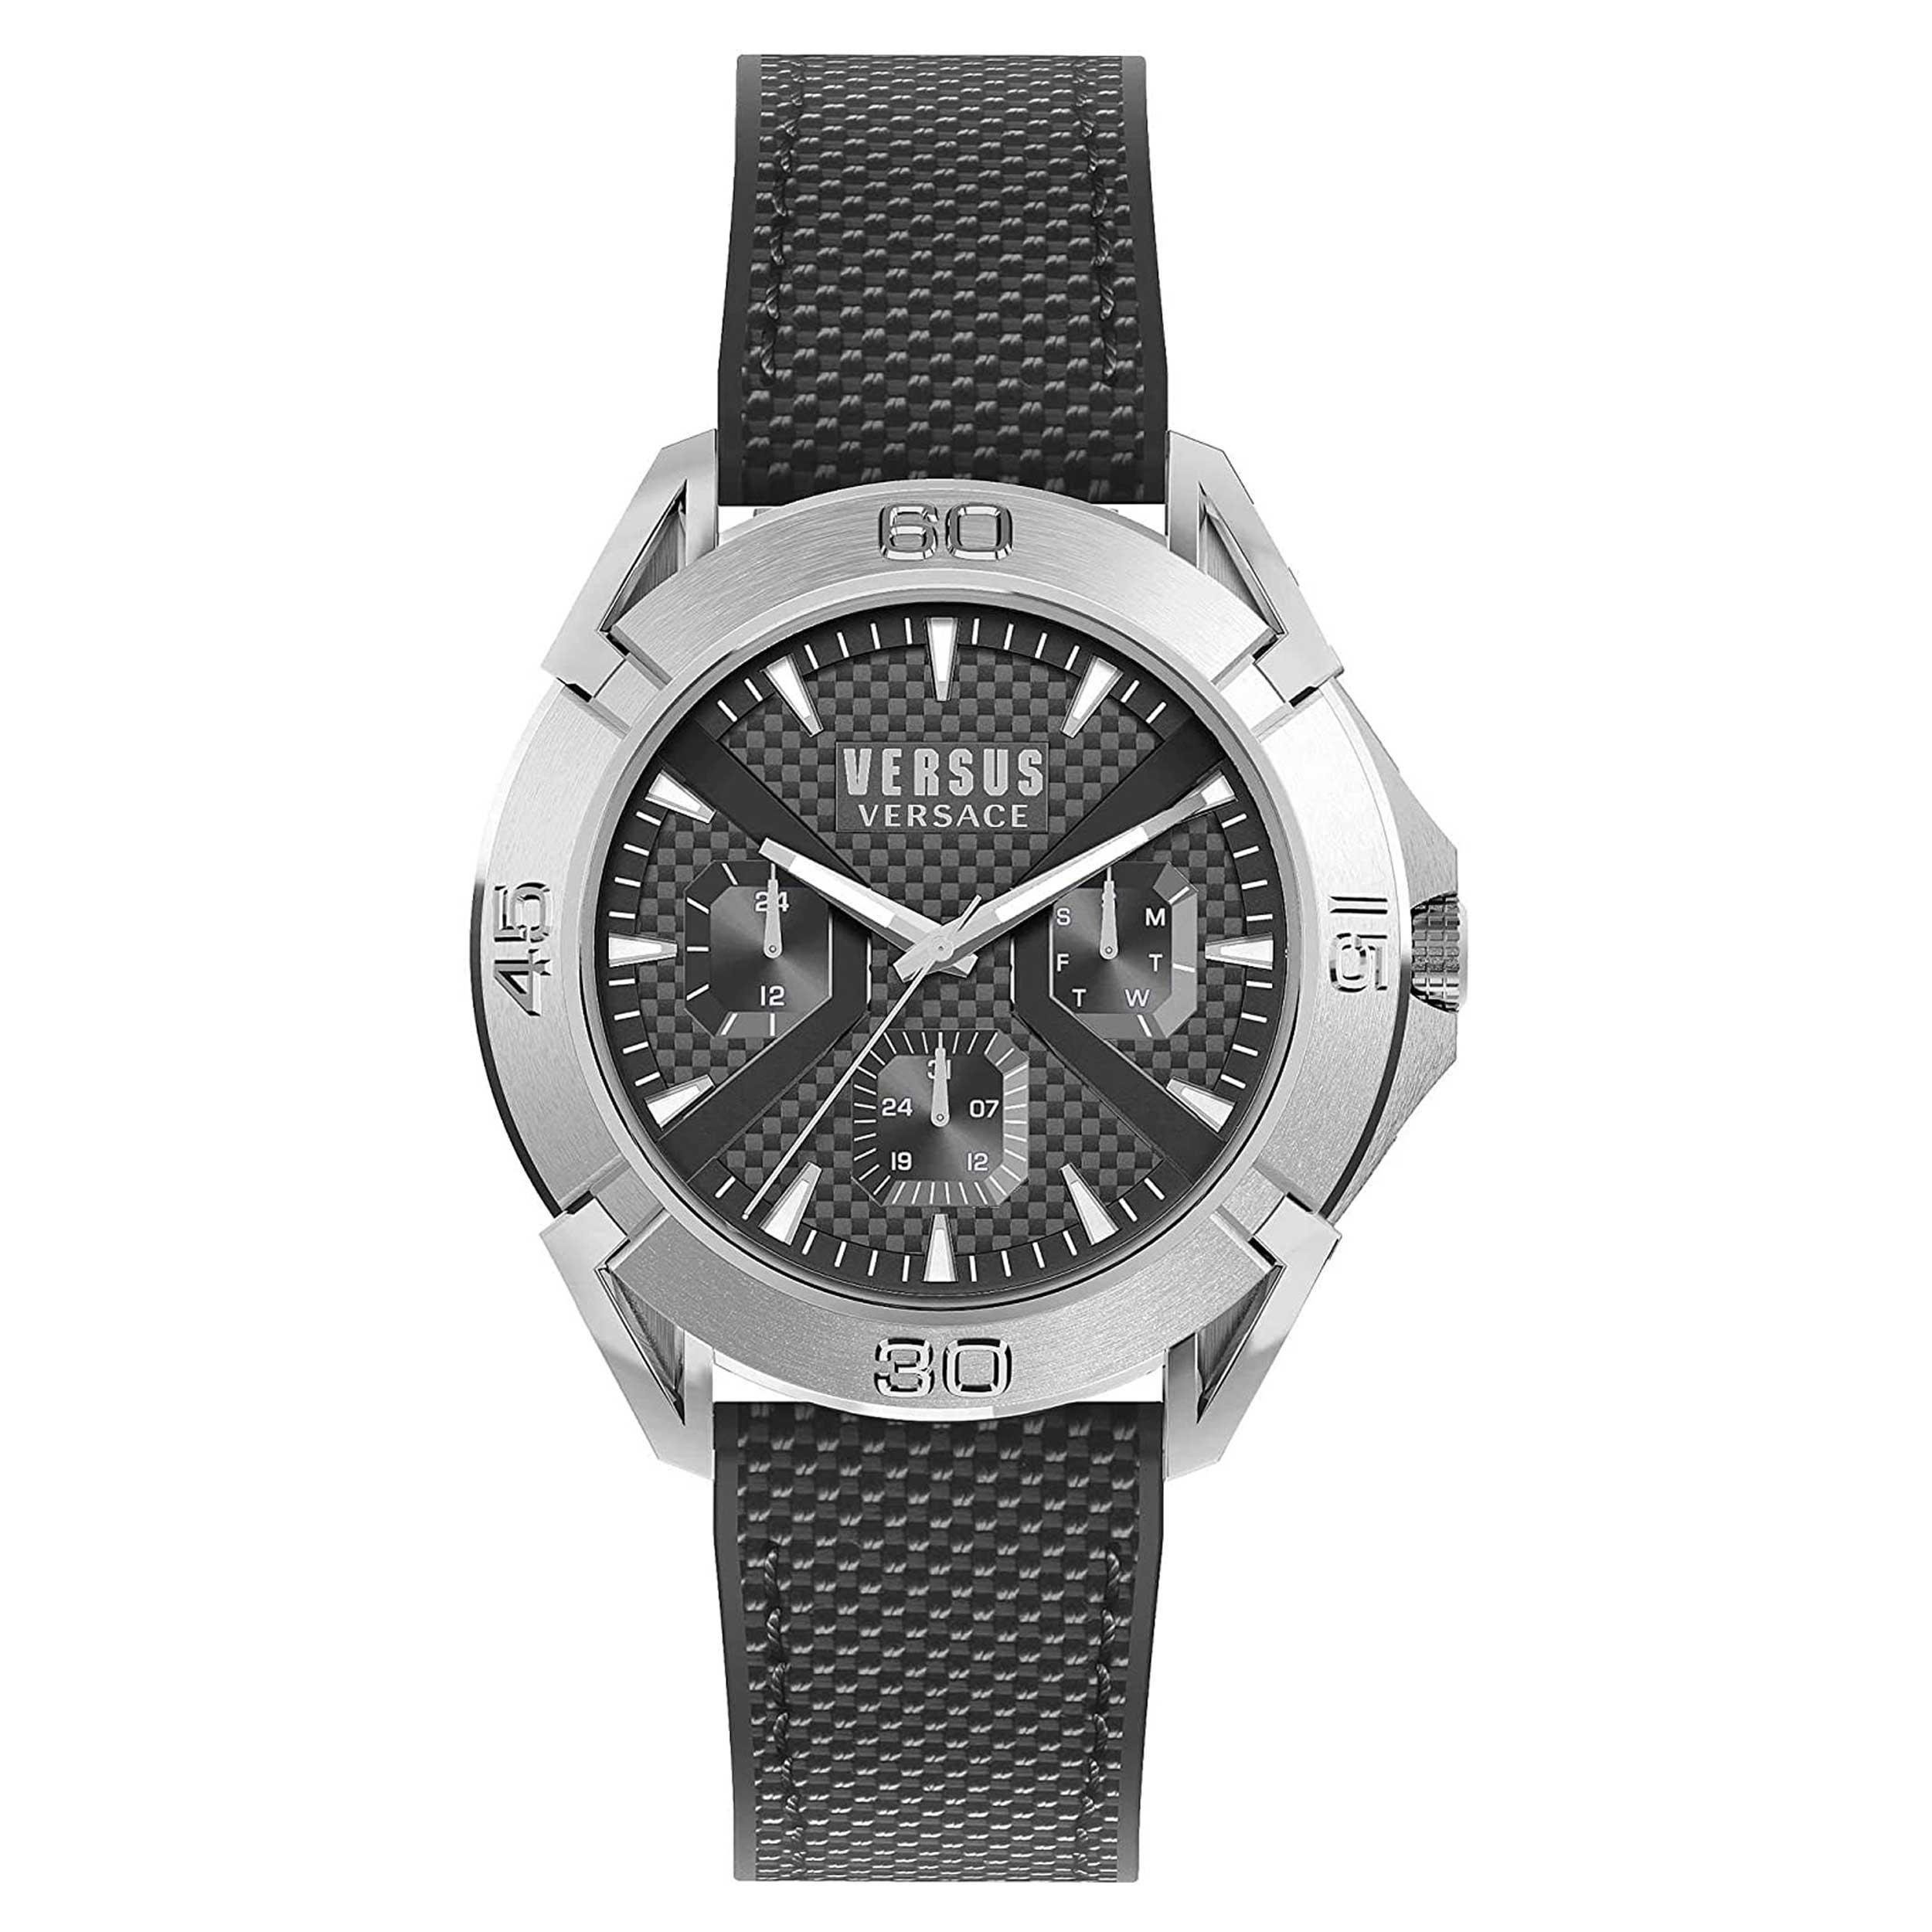 ساعت مچی عقربه ای زنانه ورسوس ورساچه مدل VSP1W0219               ارزان